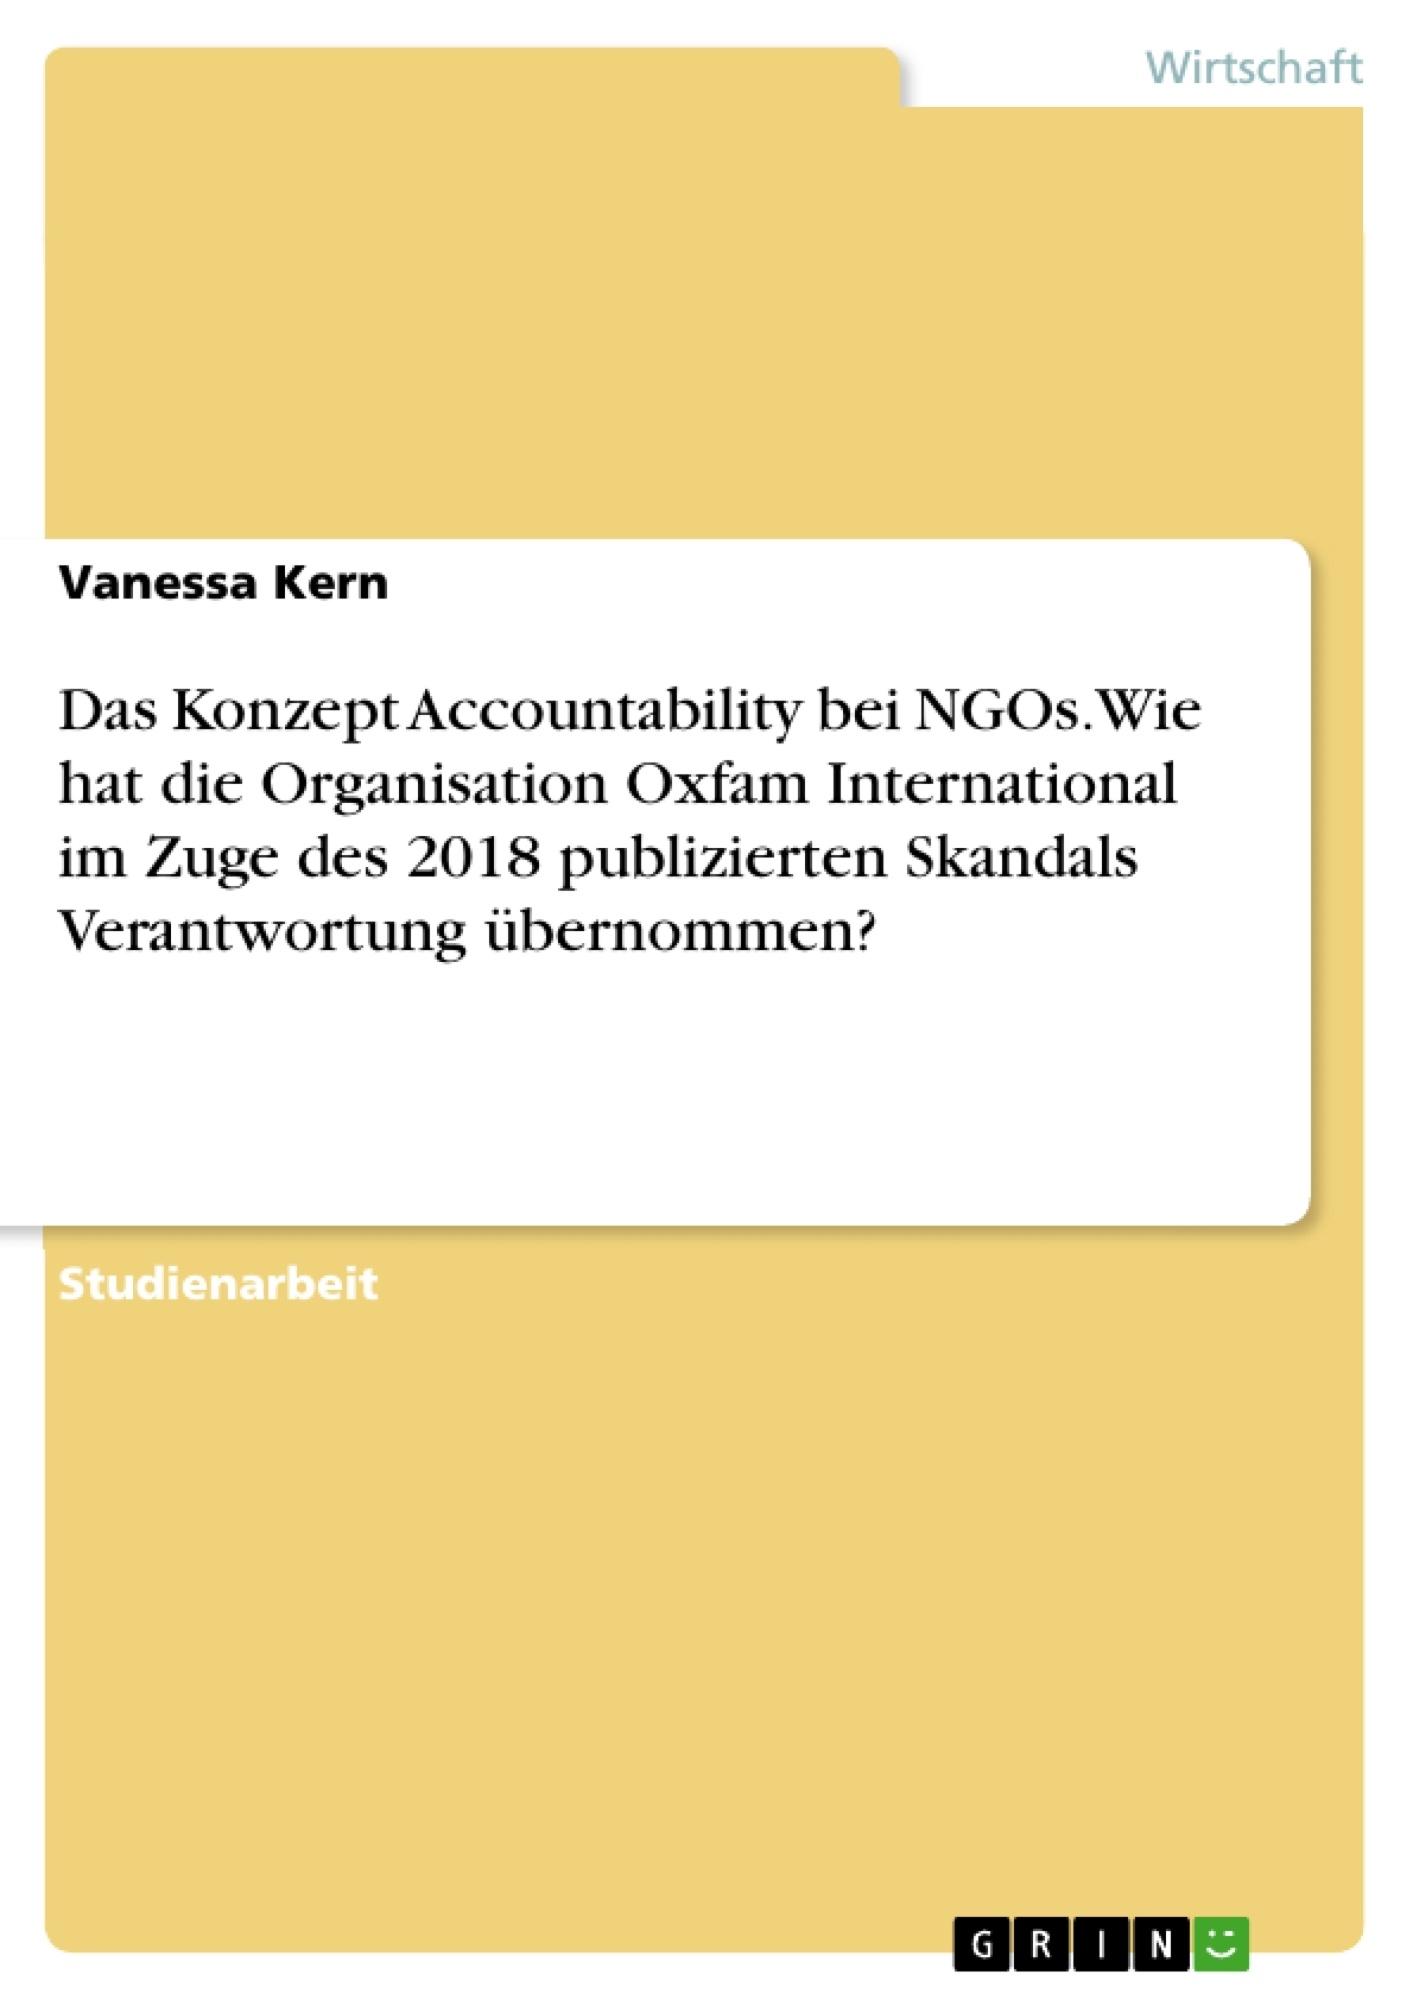 Titel: Das Konzept Accountability bei NGOs. Wie hat die Organisation Oxfam International im Zuge des 2018 publizierten Skandals Verantwortung übernommen?